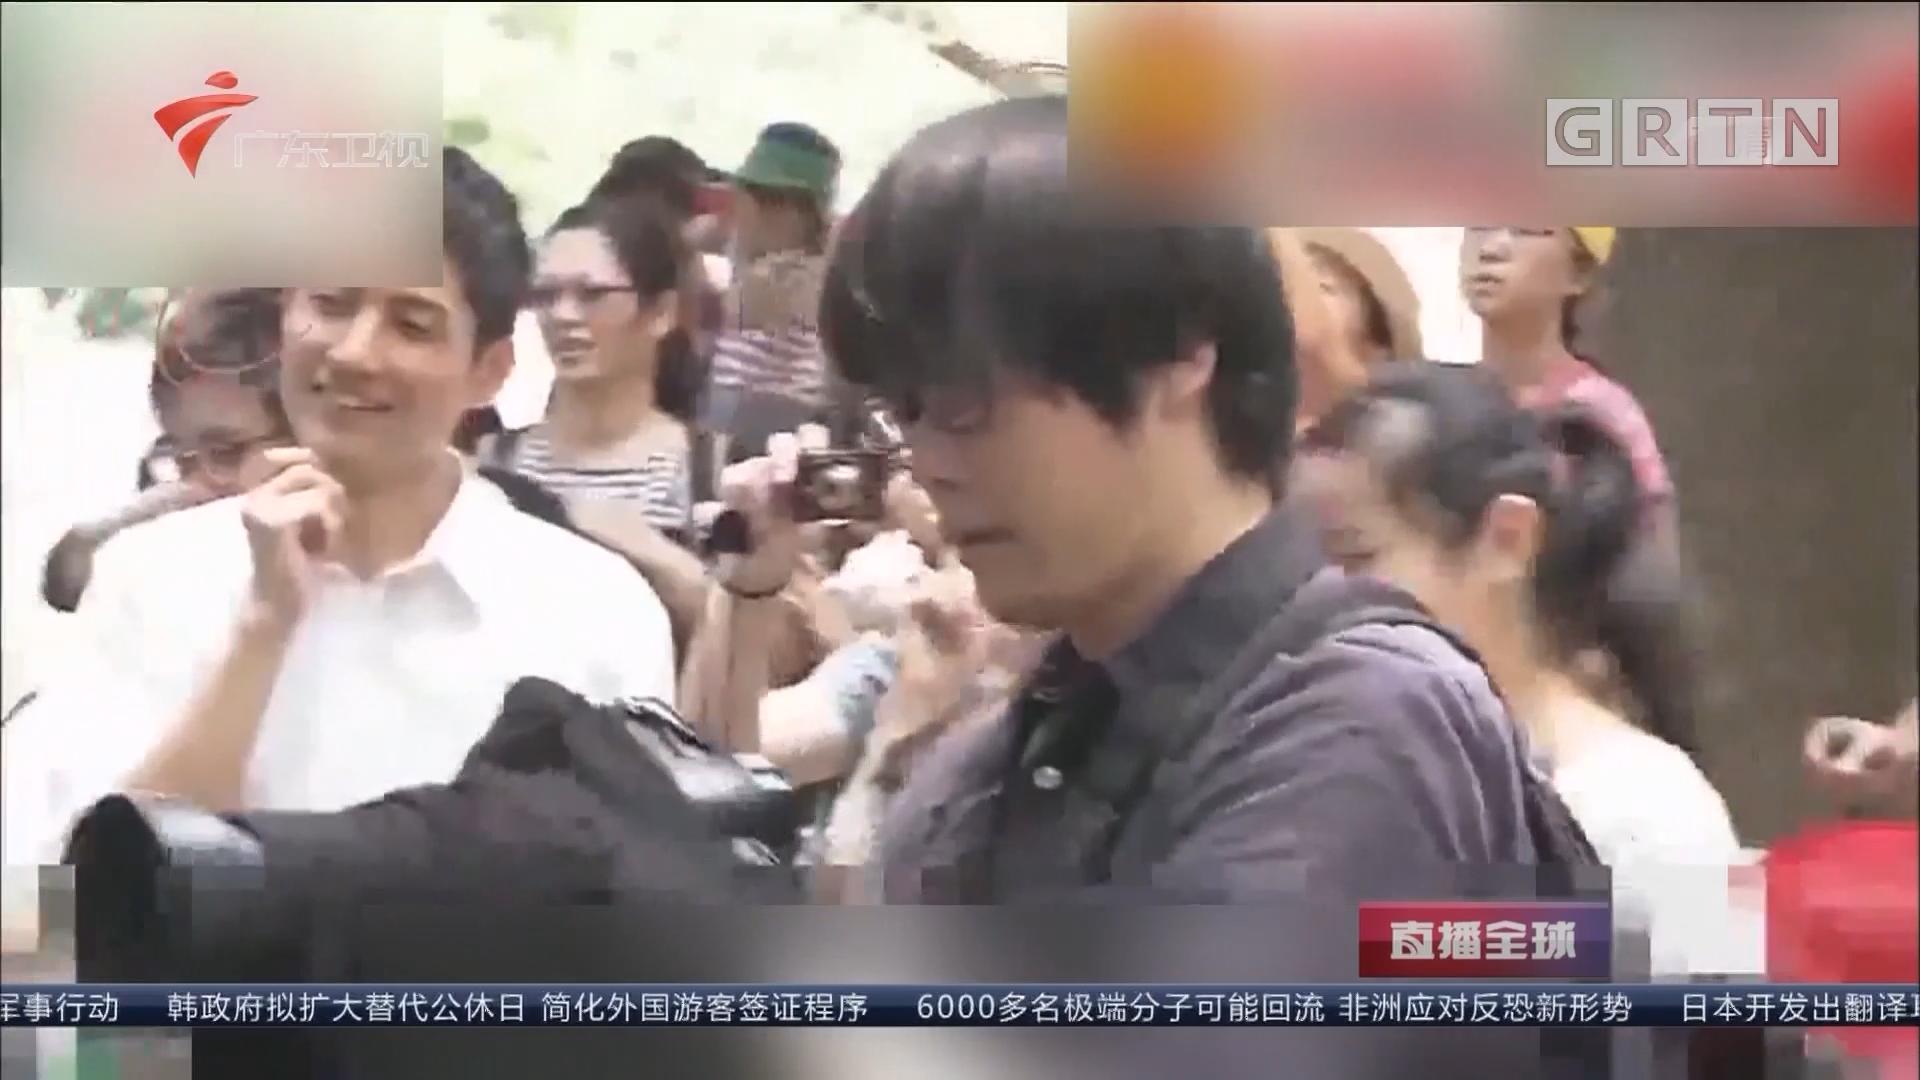 日本人到底有多喜欢熊猫 日本男子沉迷熊猫 每天拍熊猫坚持6年